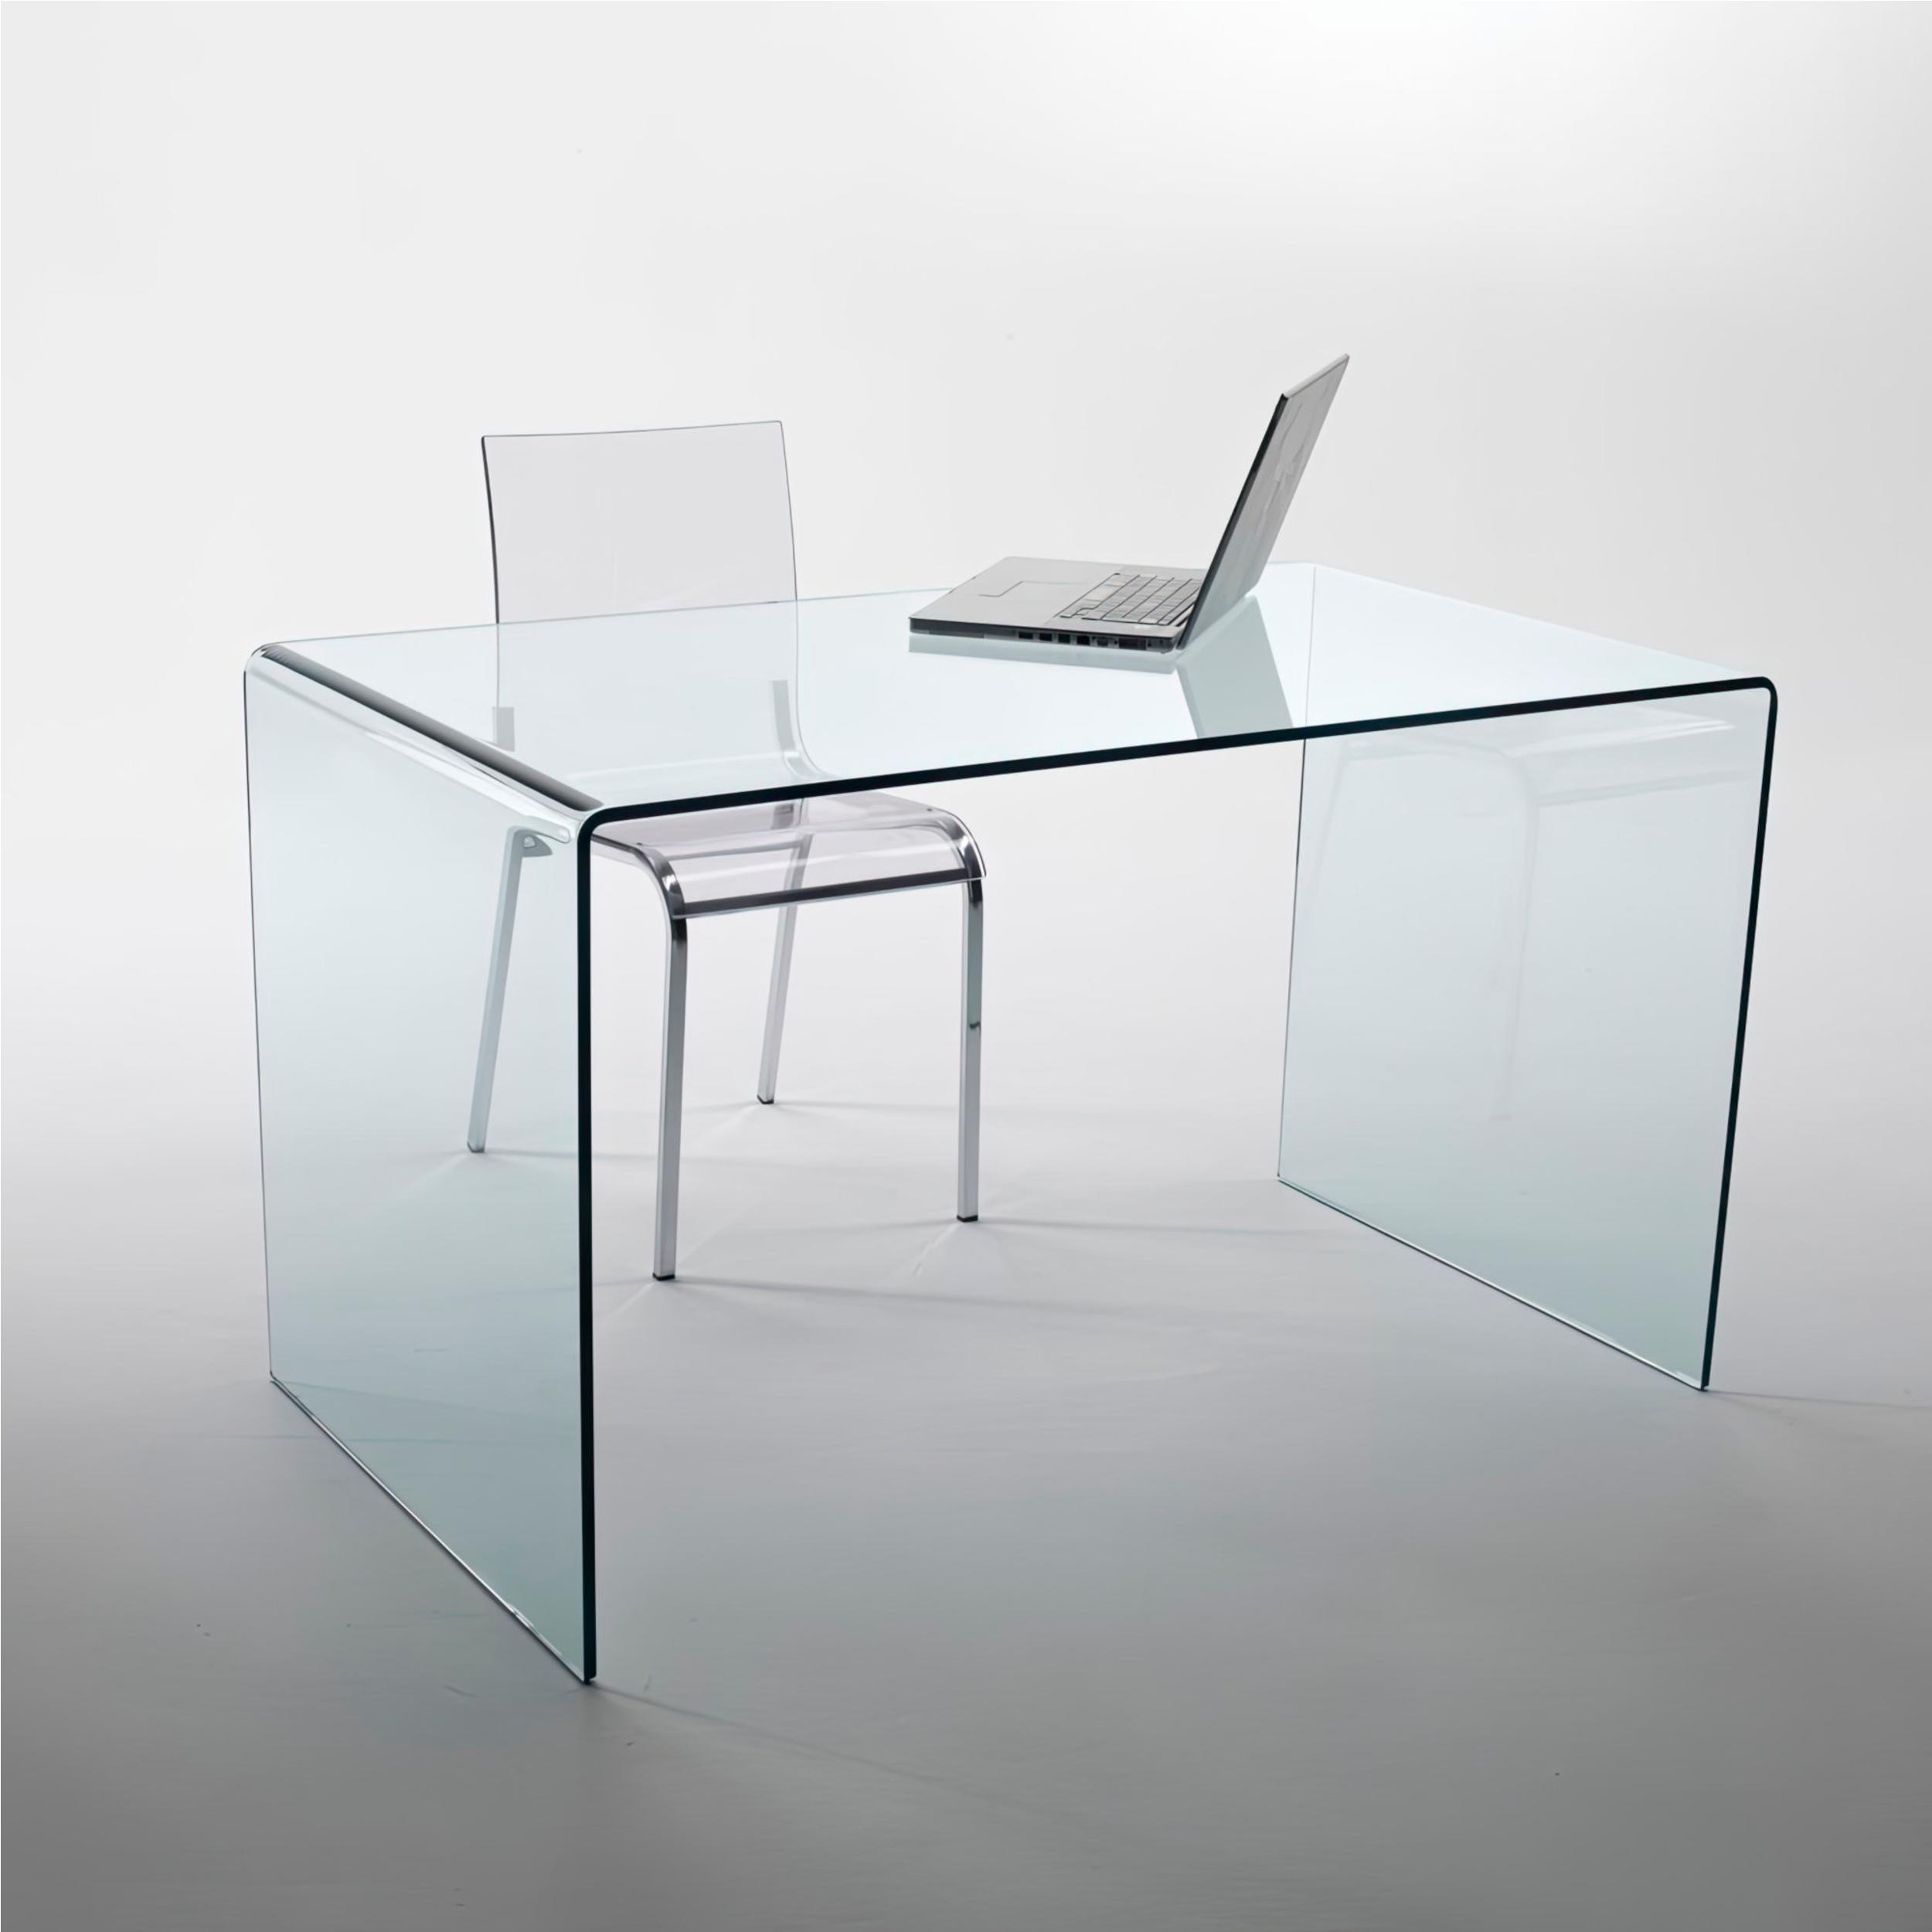 Tavolo Scrivania in vetro curvato 125x70xh73 cm spessore 12 mm ...